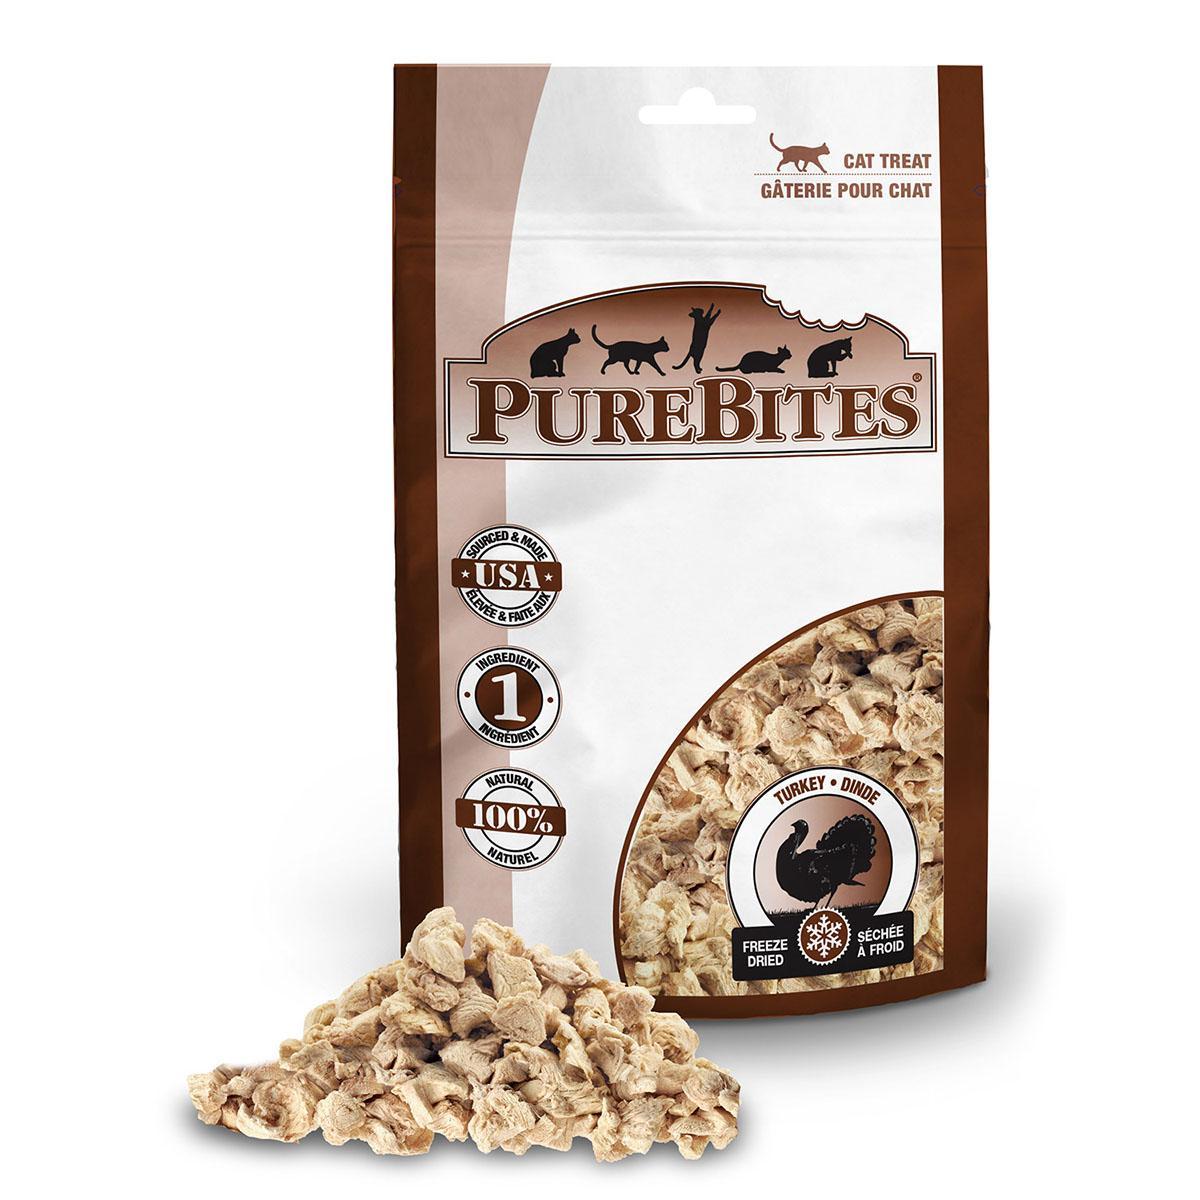 PureBites Freeze Dried Cat Treats - Turkey Breast